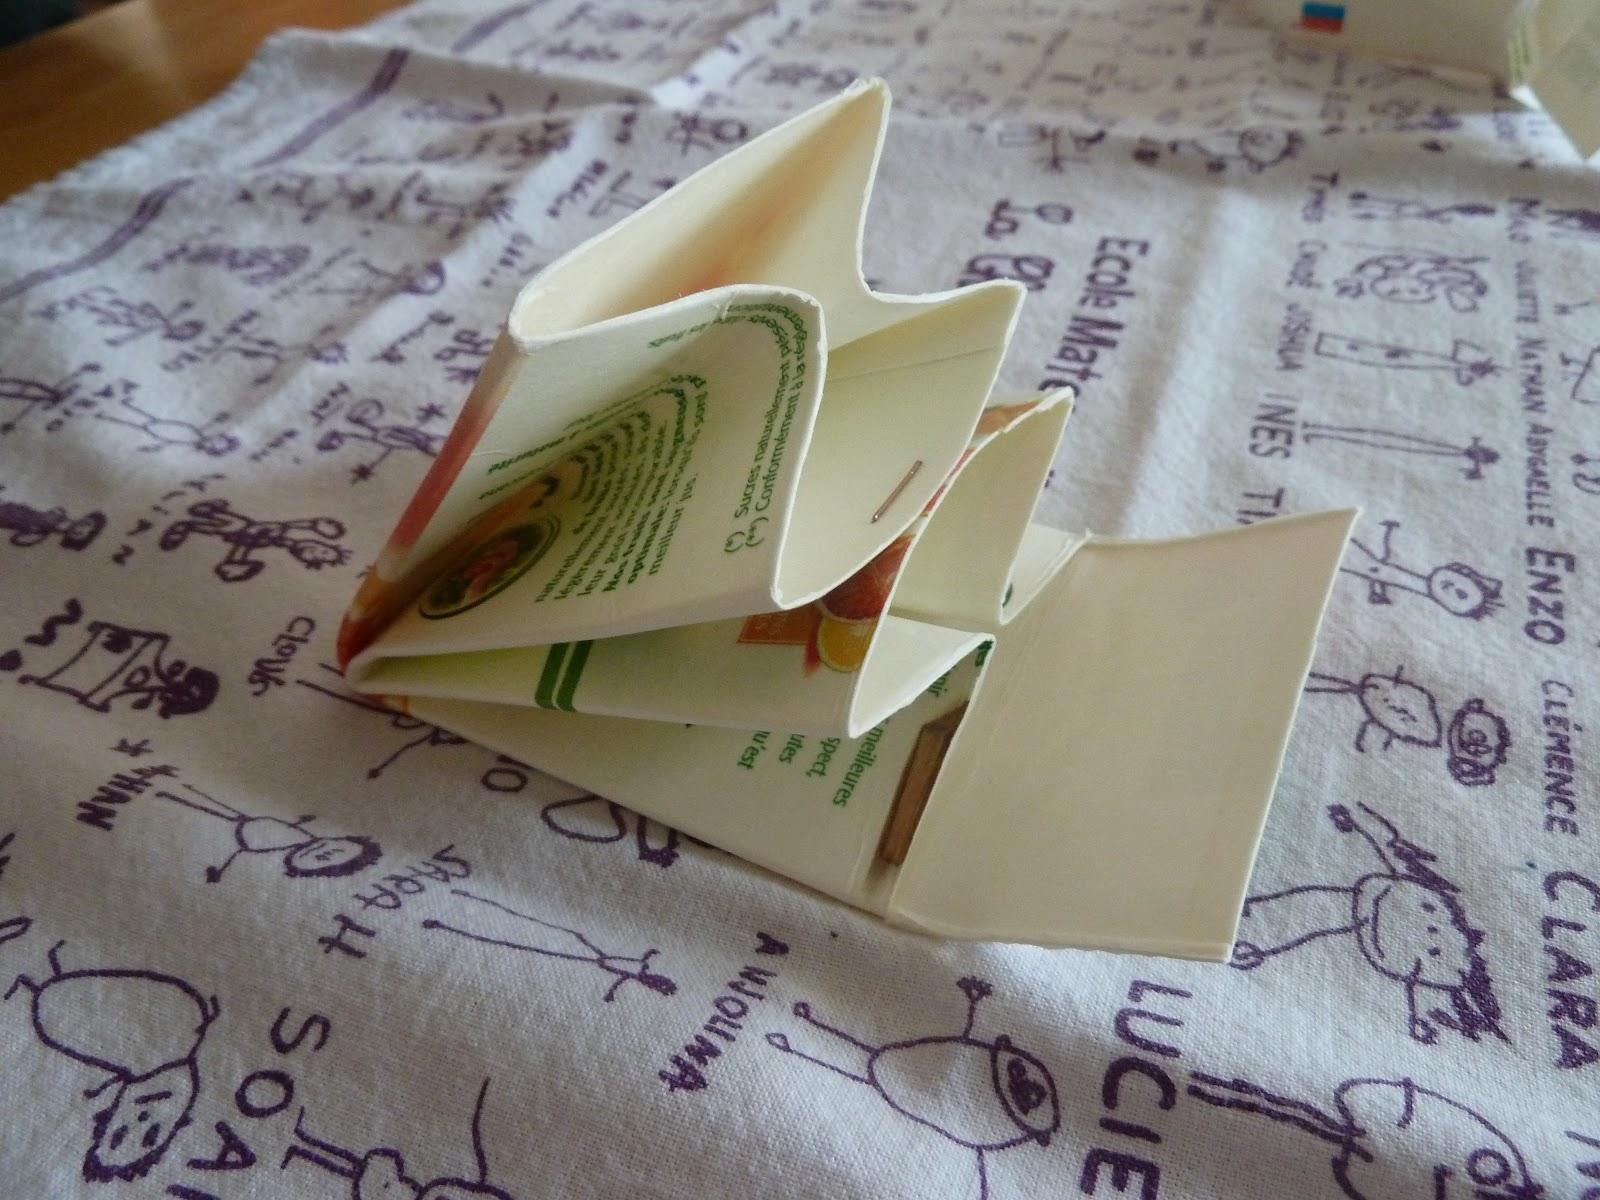 La grande soaz tuto du porte monnaie r cup - Qu est ce que le masking tape ...